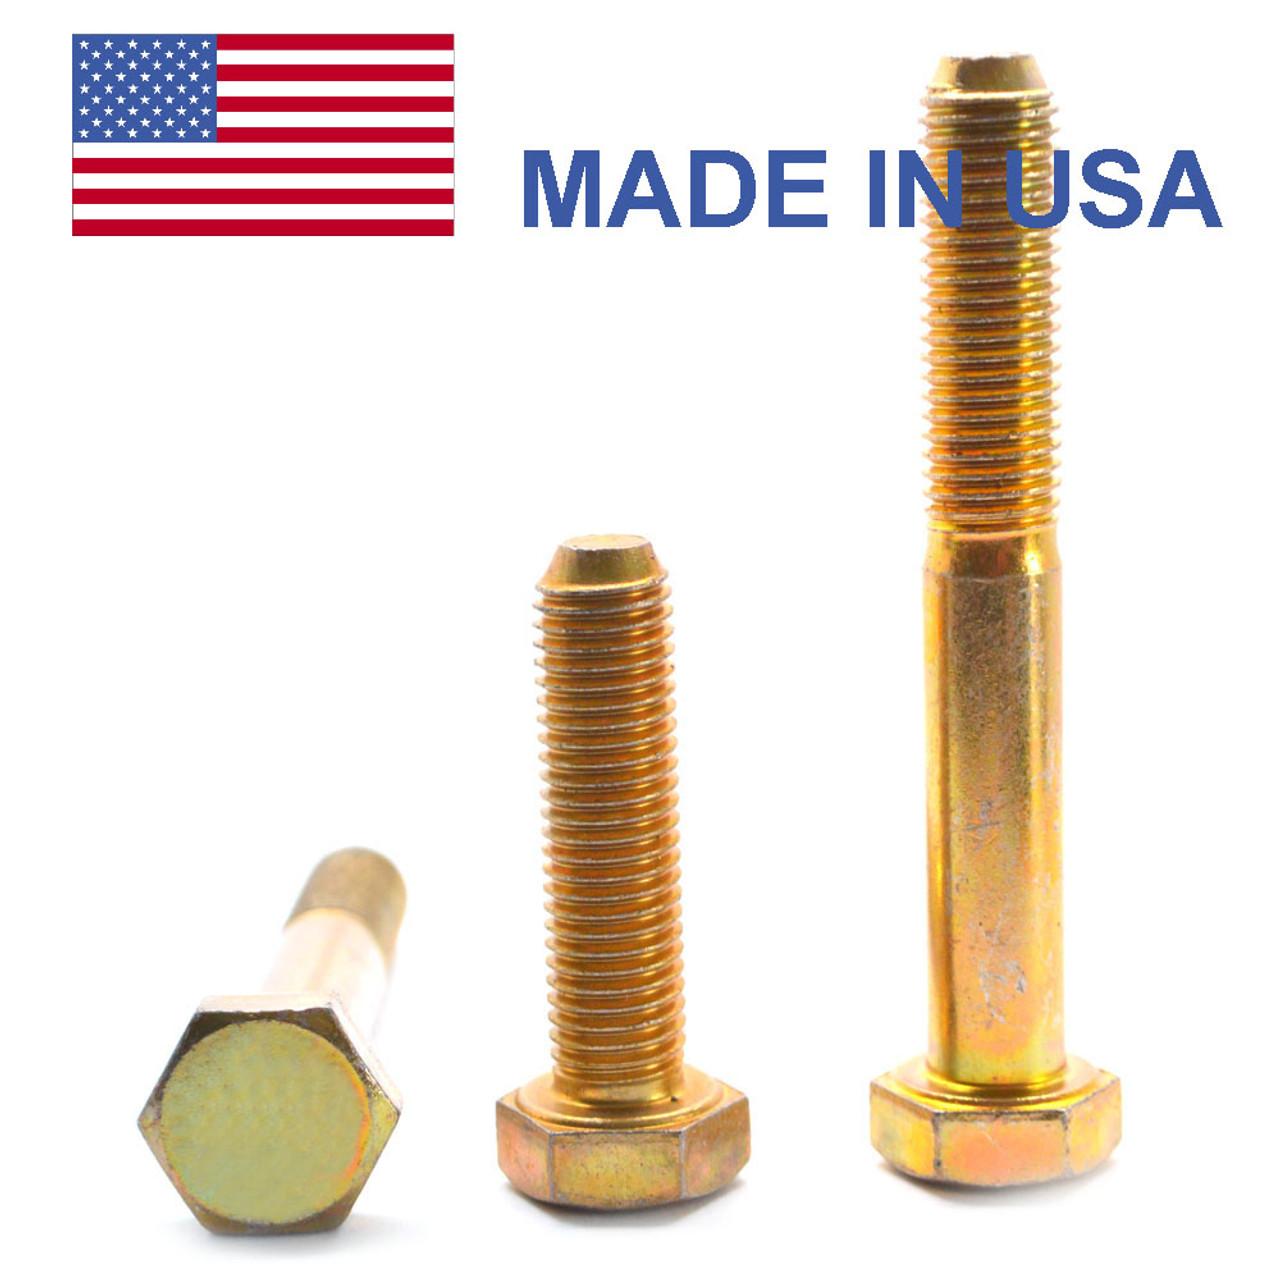 55 Hex Head 3//8-16 x 3-1//2 Grade 5 Bolts Zinc Plated Cap Screws